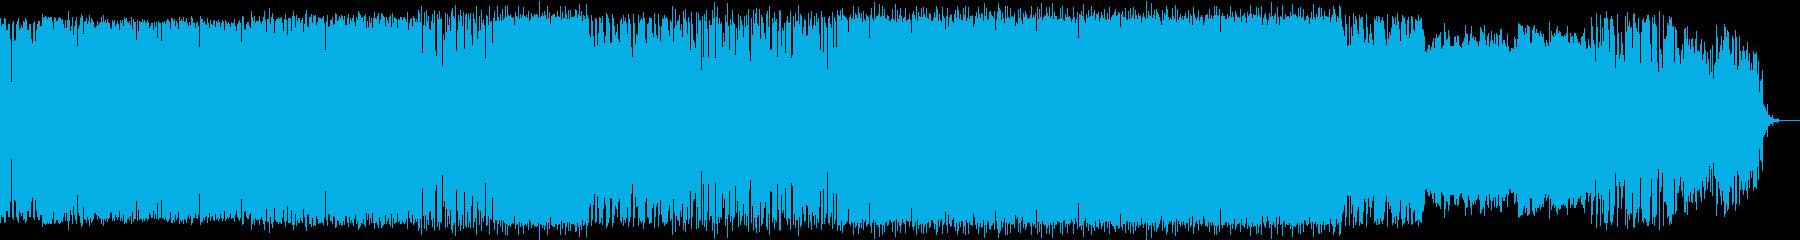 オルガンメロディ入りの深海イメージ曲の再生済みの波形